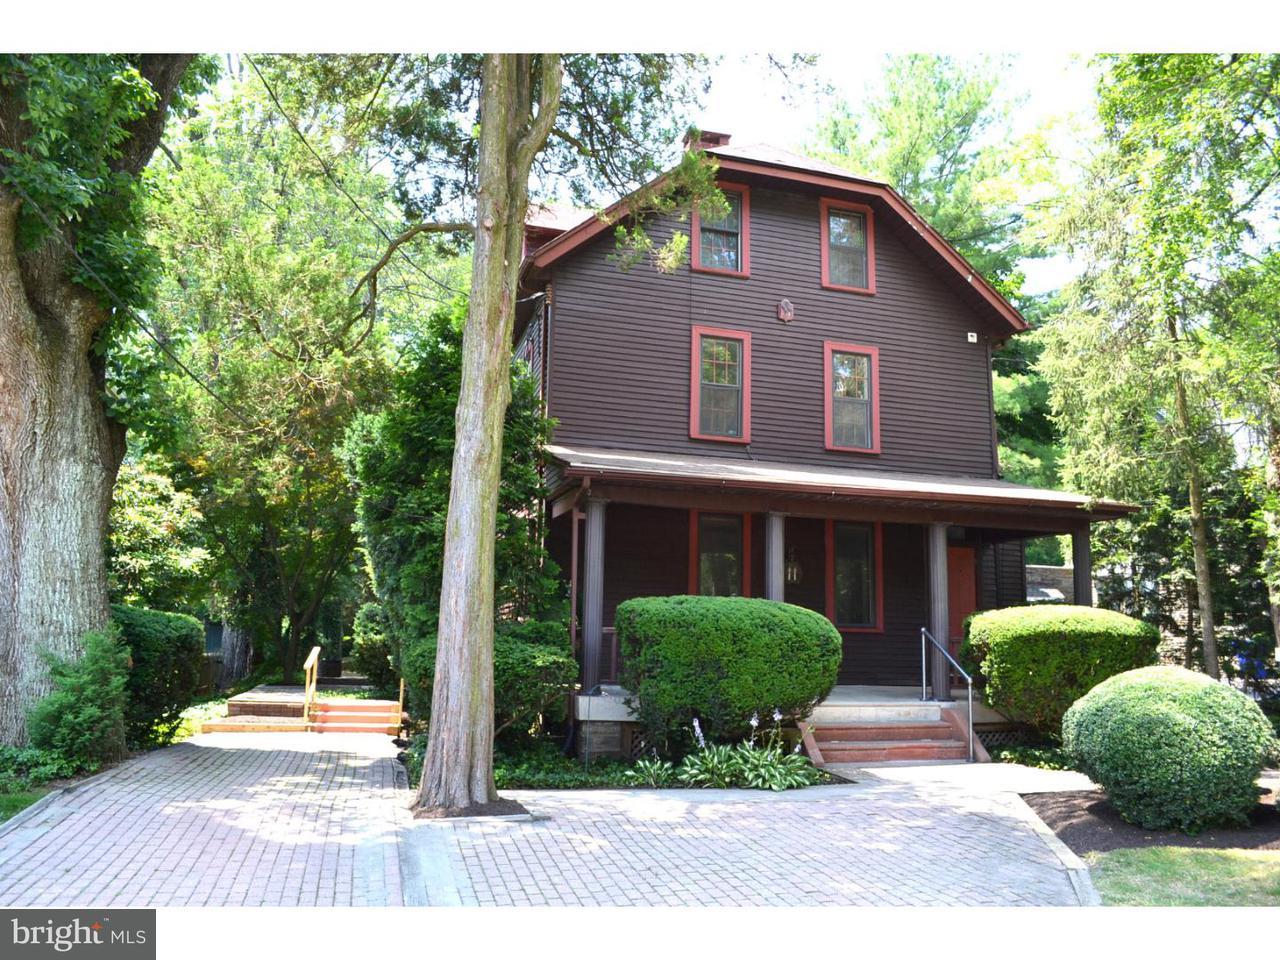 独户住宅 为 出租 在 610 SPRING Avenue 埃尔金斯帕克, 宾夕法尼亚州 19027 美国